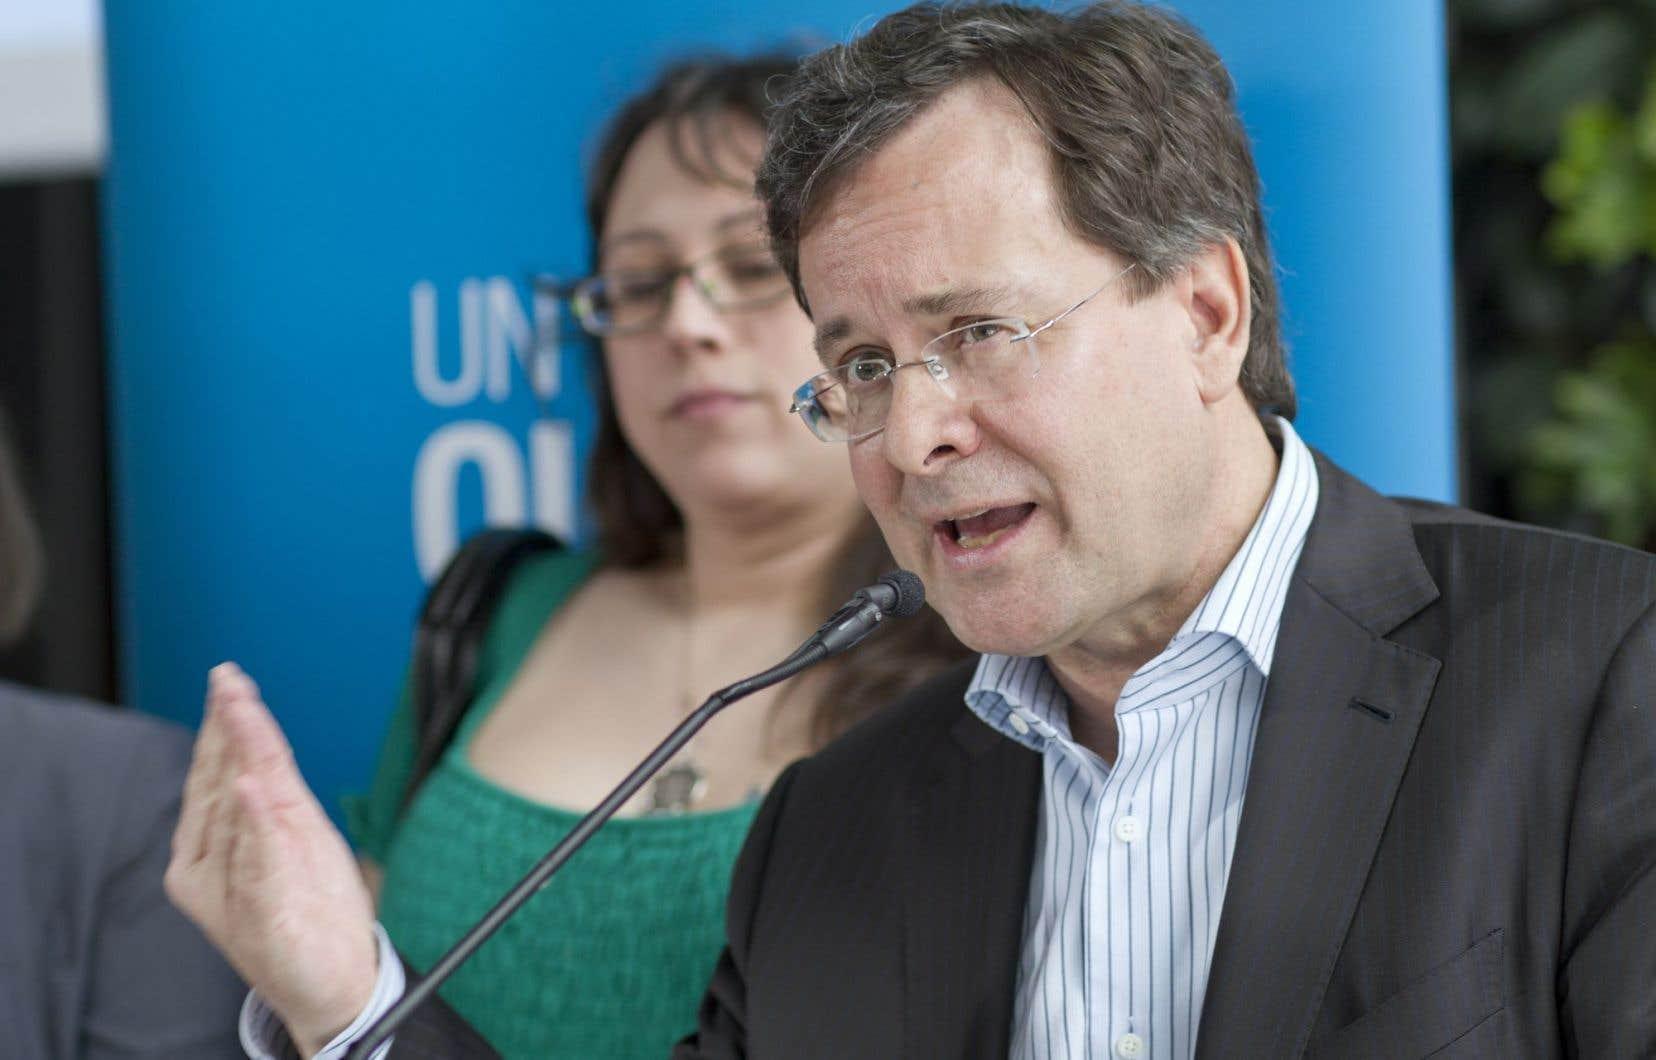 Élu en 2008 et 2012, M. St-Arnaud a été ministre de la Justice sous l'éphémère gouvernement péquiste de Pauline Marois.